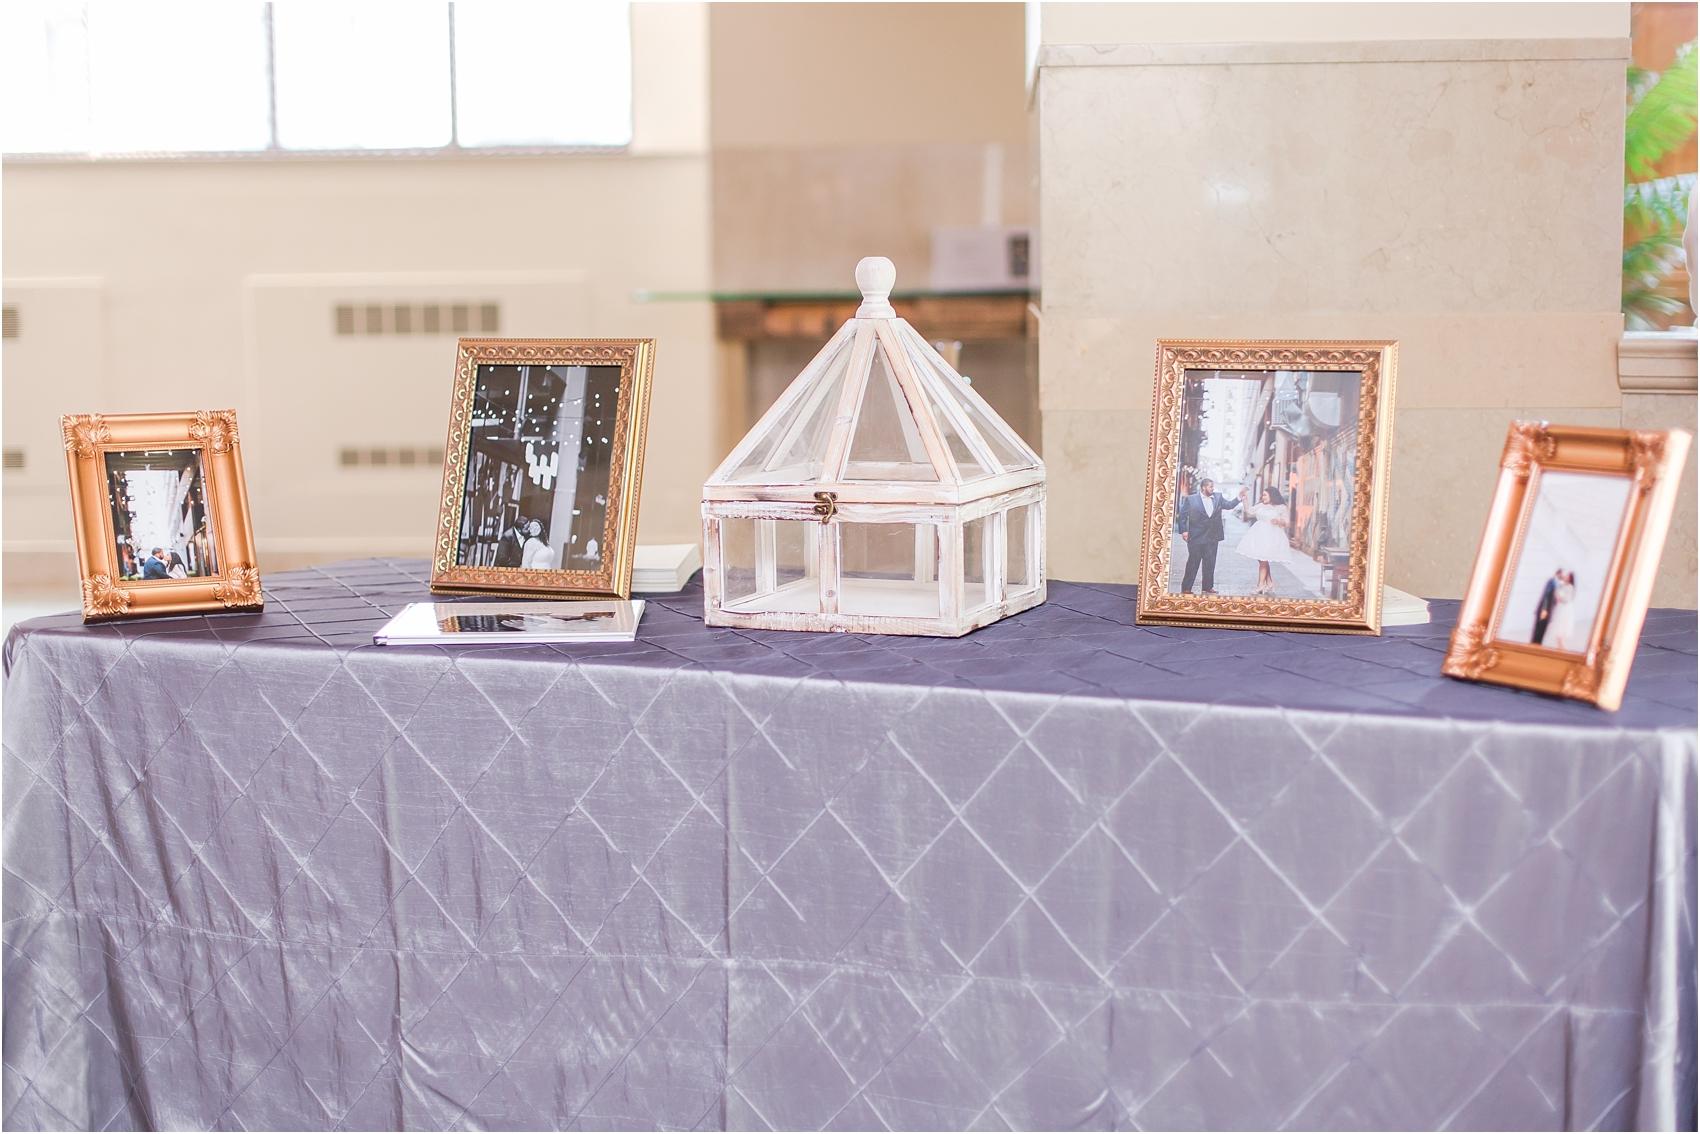 minimalist-and-modern-wedding-photos-at-30-north-saginaw-in-pontiac-michigan-by-courtney-carolyn-photography_0029.jpg